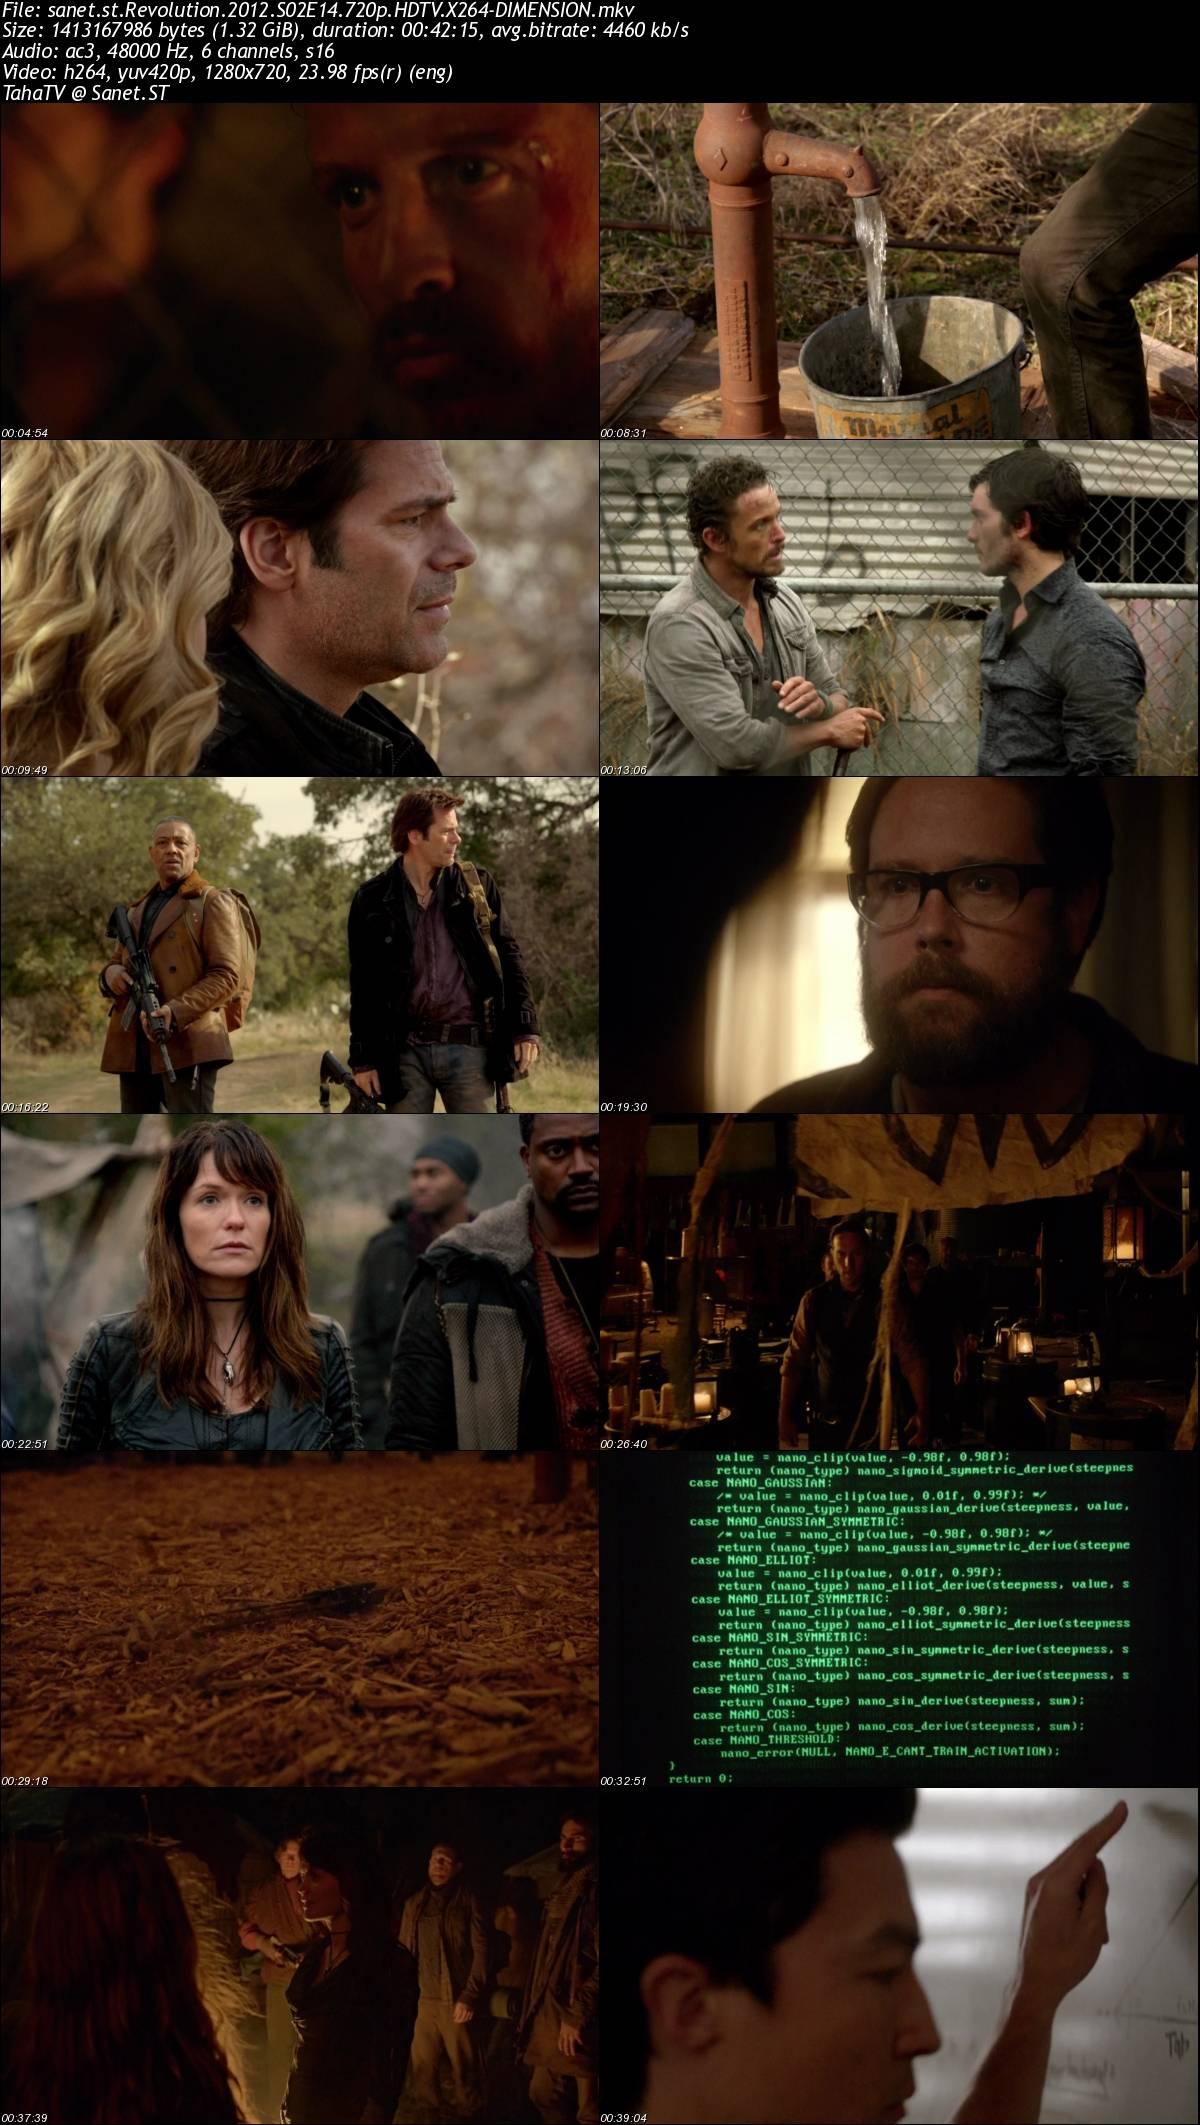 Download 24 S08E20 720p HDTV X264-DIMENSION [eztv] torrent ...